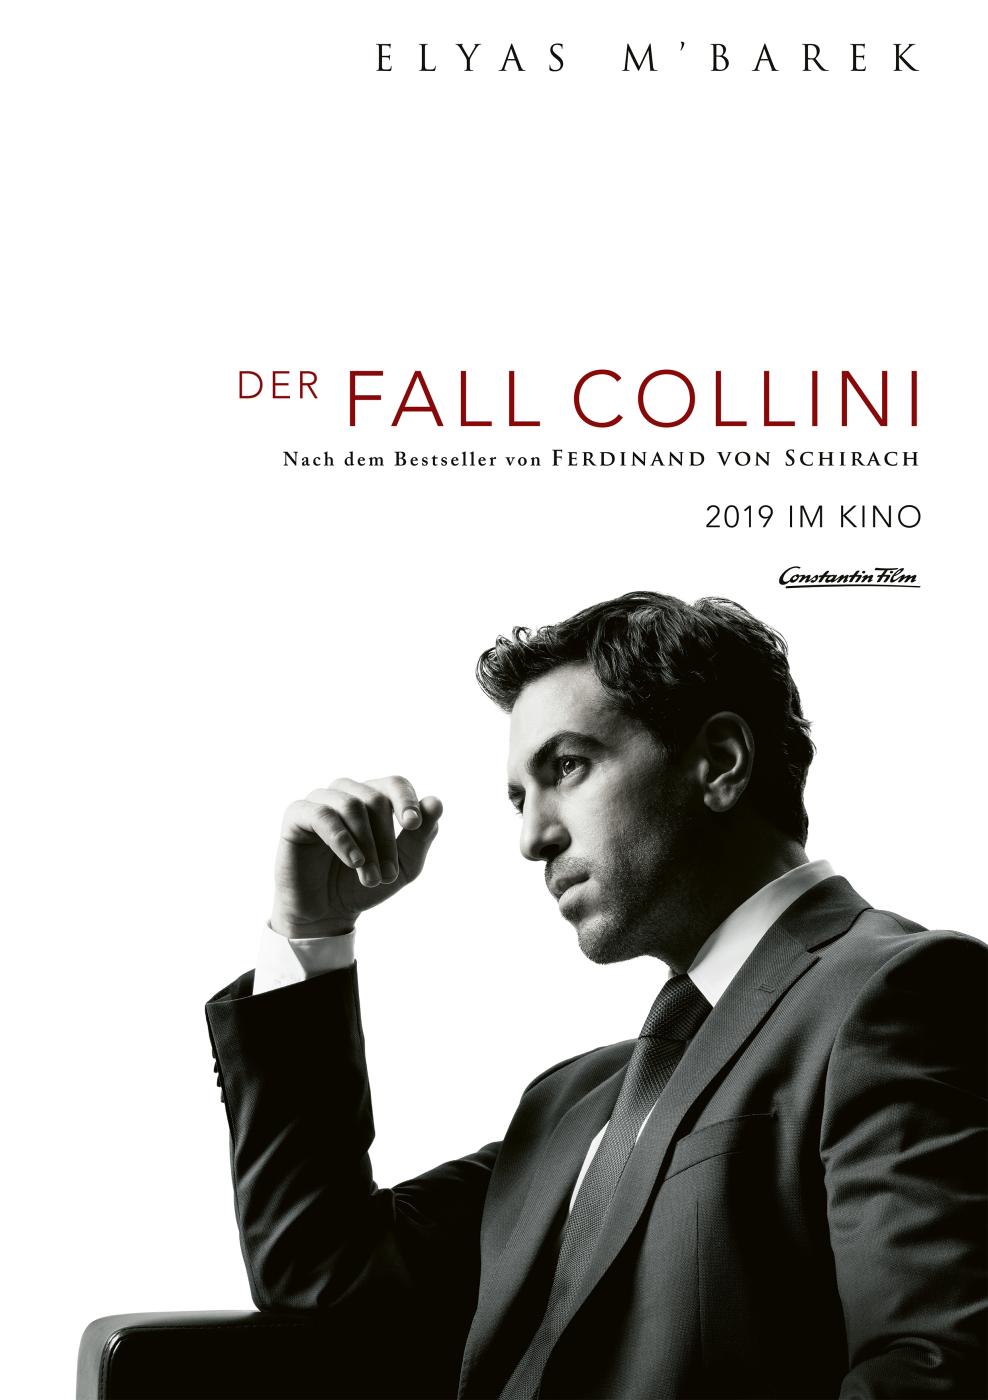 Der Fall Collini Fsk